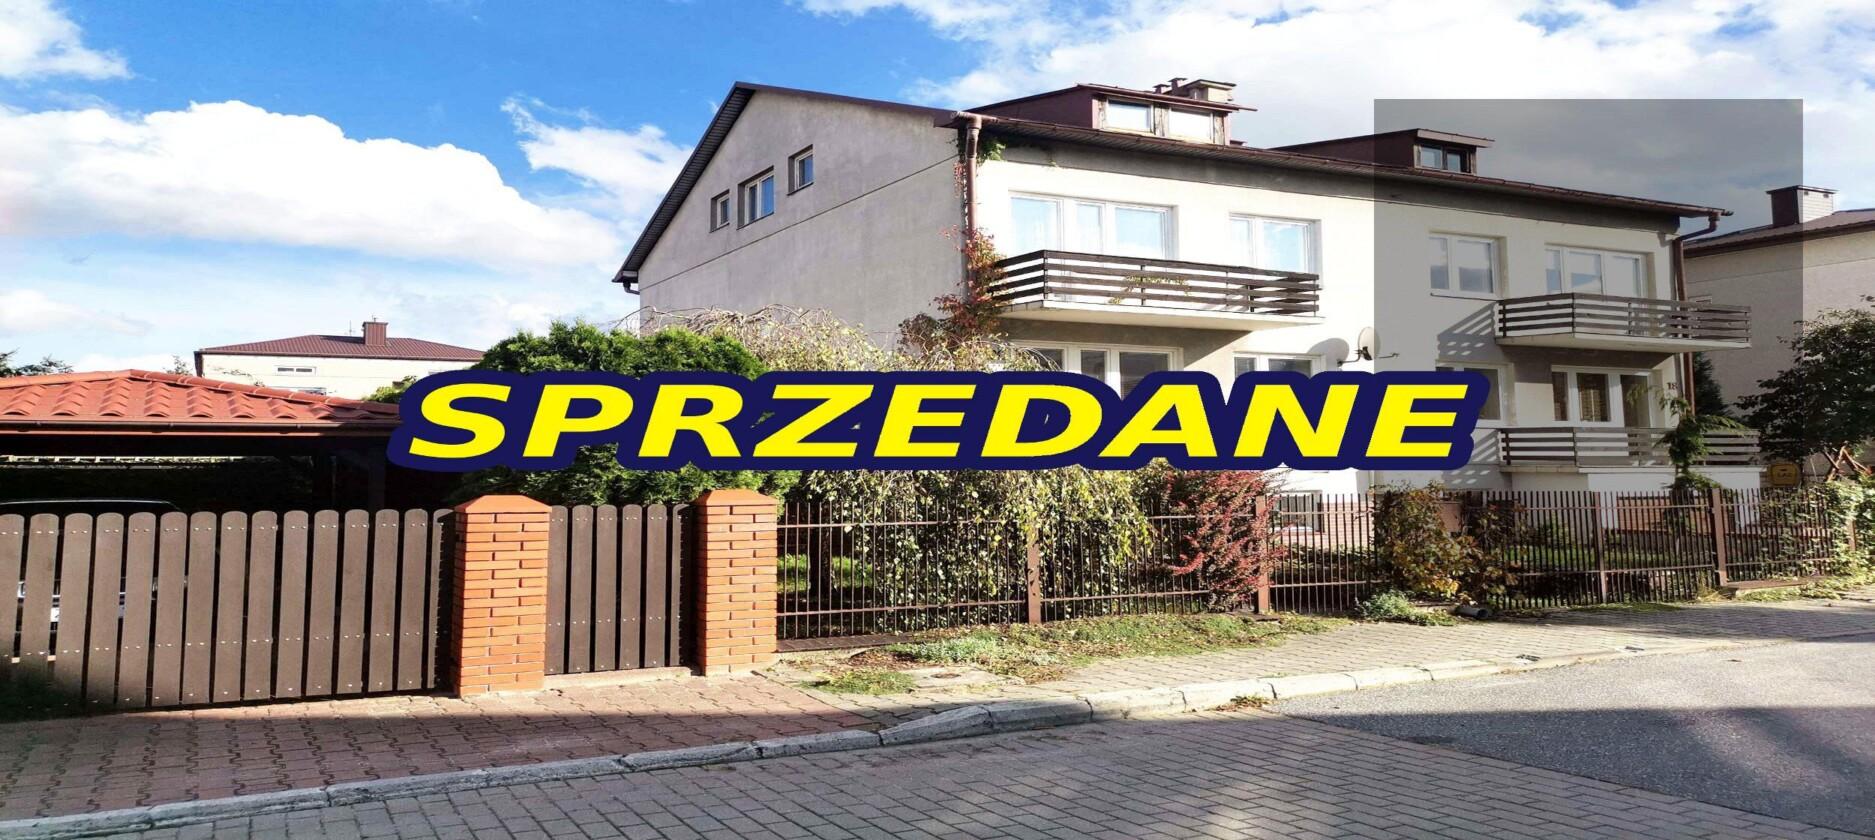 SPRZEDANEATAMANOWA - Nieruchomości Krzysztof Górski Zamość, biuro nieruchomości, domy, mieszkania, działki, lokale, sprzedaż nieruchomości, wynajem nieruchomości